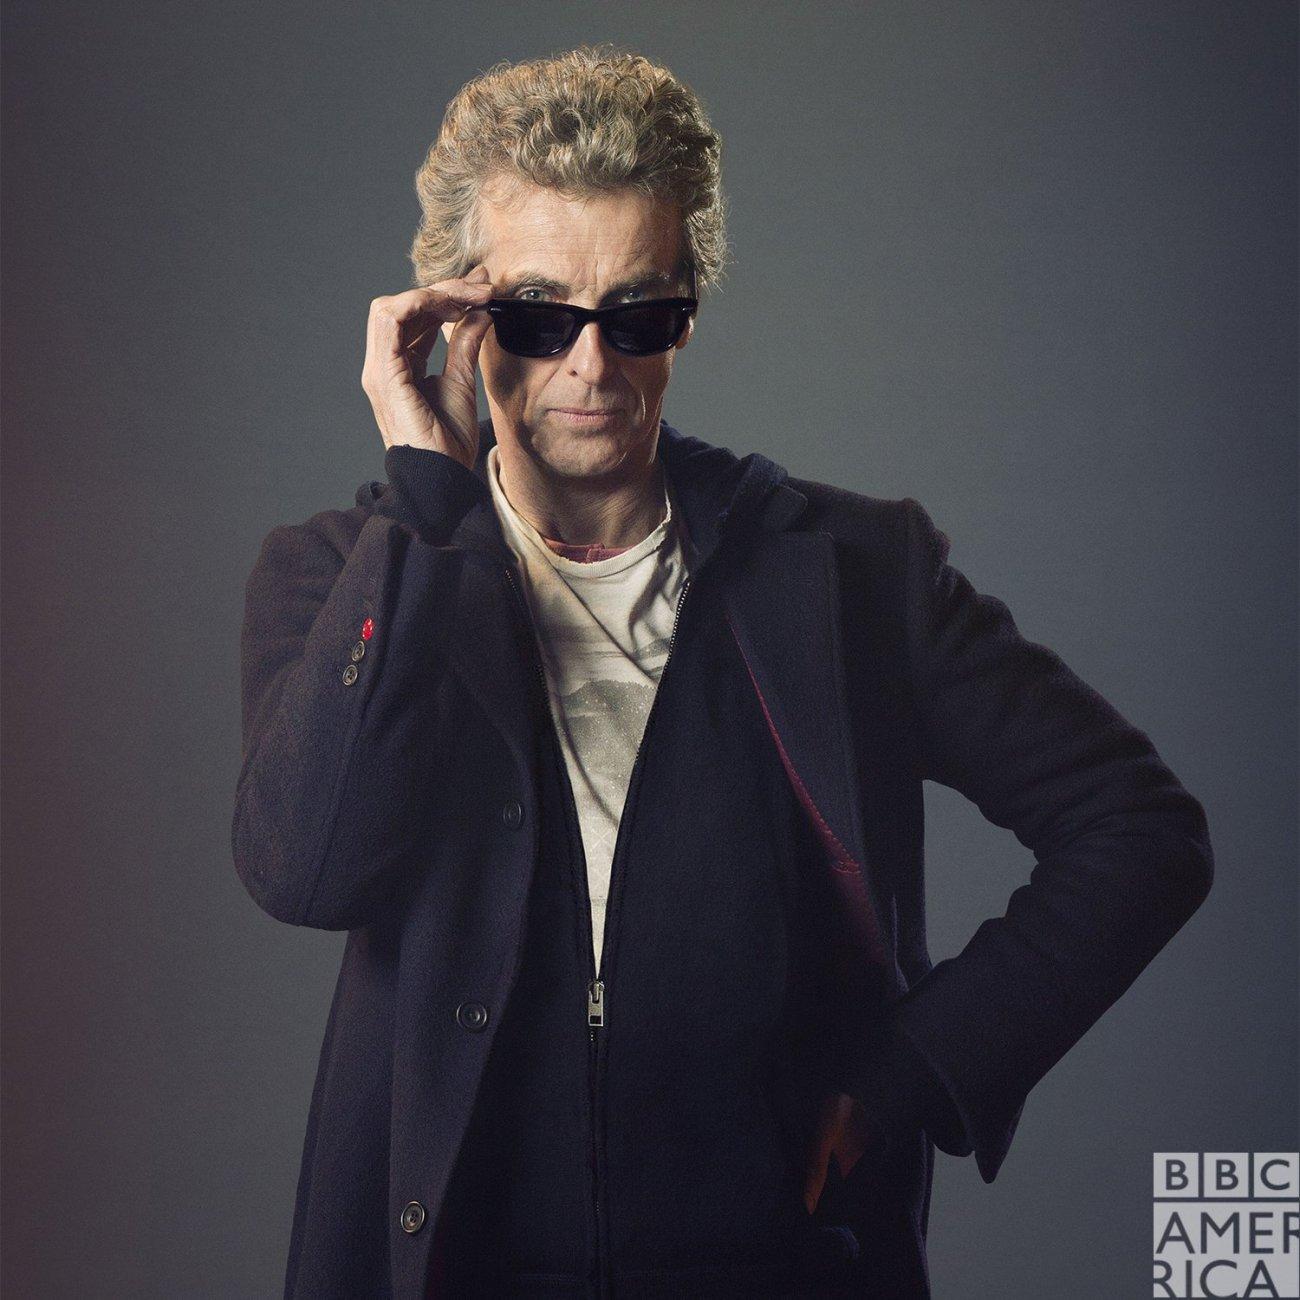 El 12º. Doctor (2013-2017), interpretado por Peter Capaldi en Doctor Who. Imagen: Doctor Who on BBC America Twitter (@DoctorWho_BBCA).